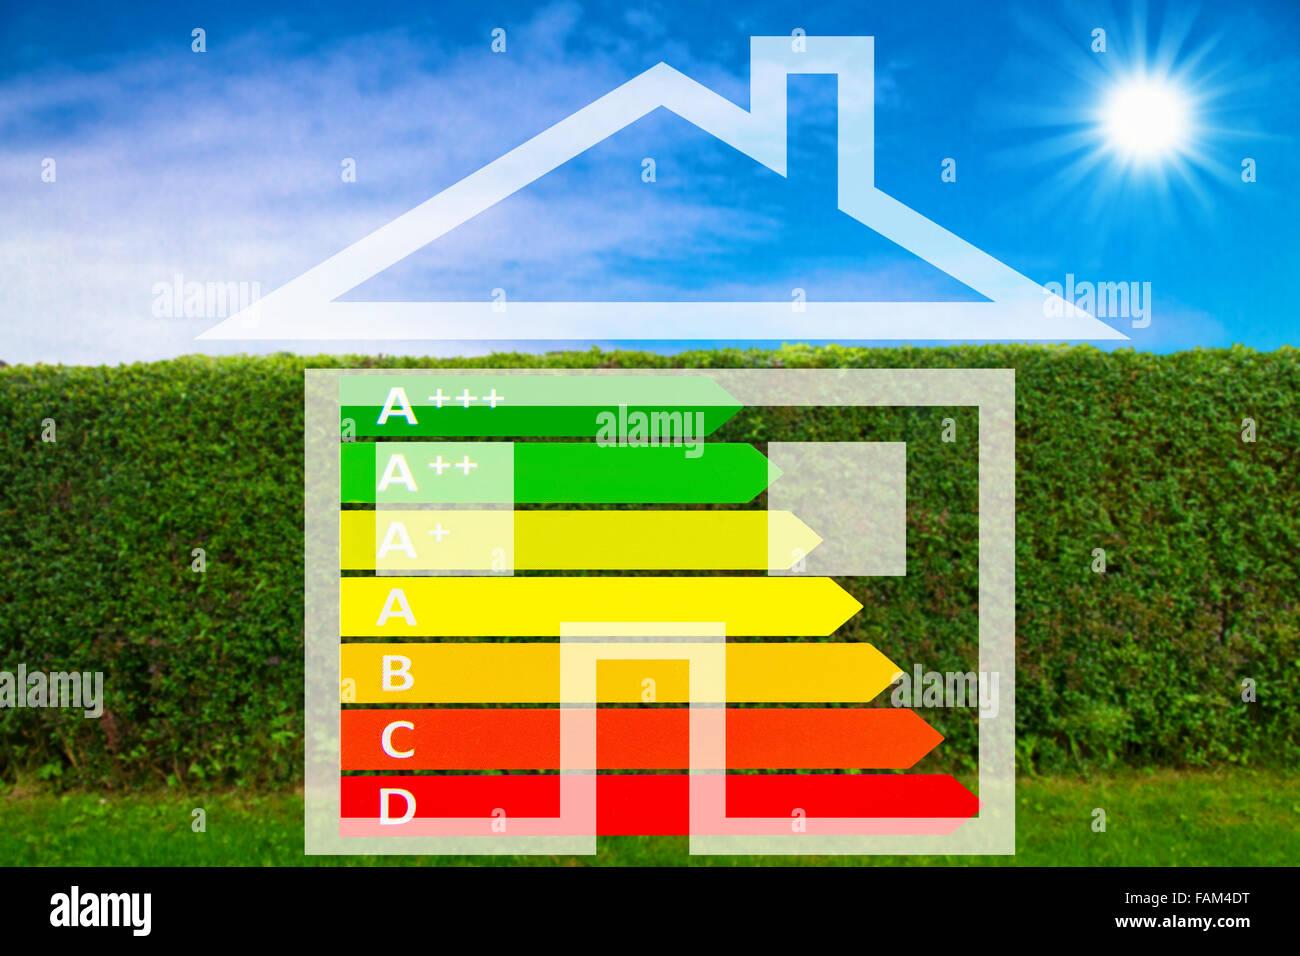 Eficiencia energética Imagen De Stock